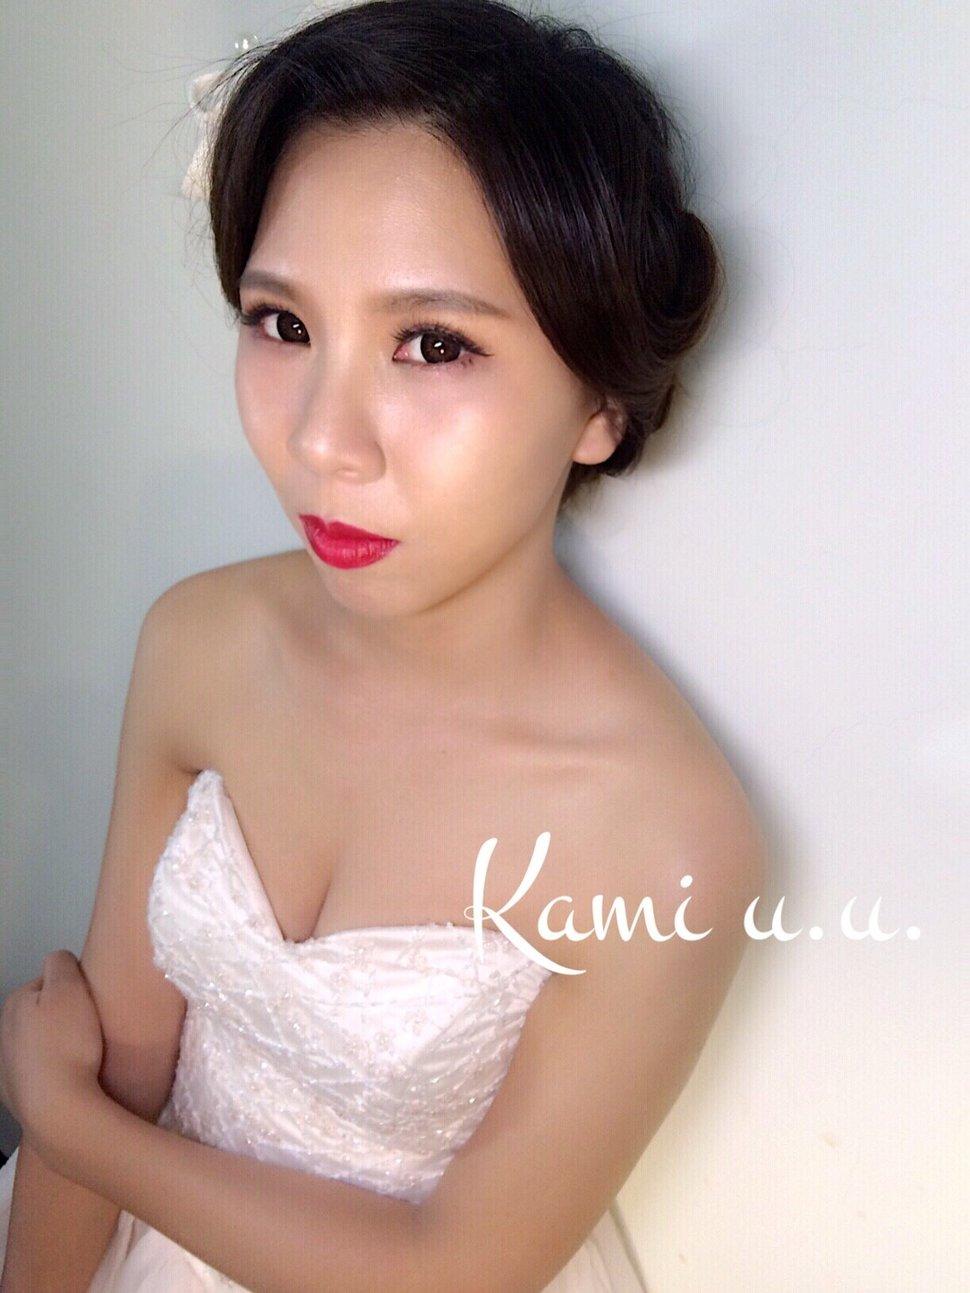 貝貝_190223_0004 - Kami u.u. 龔芷筠《結婚吧》